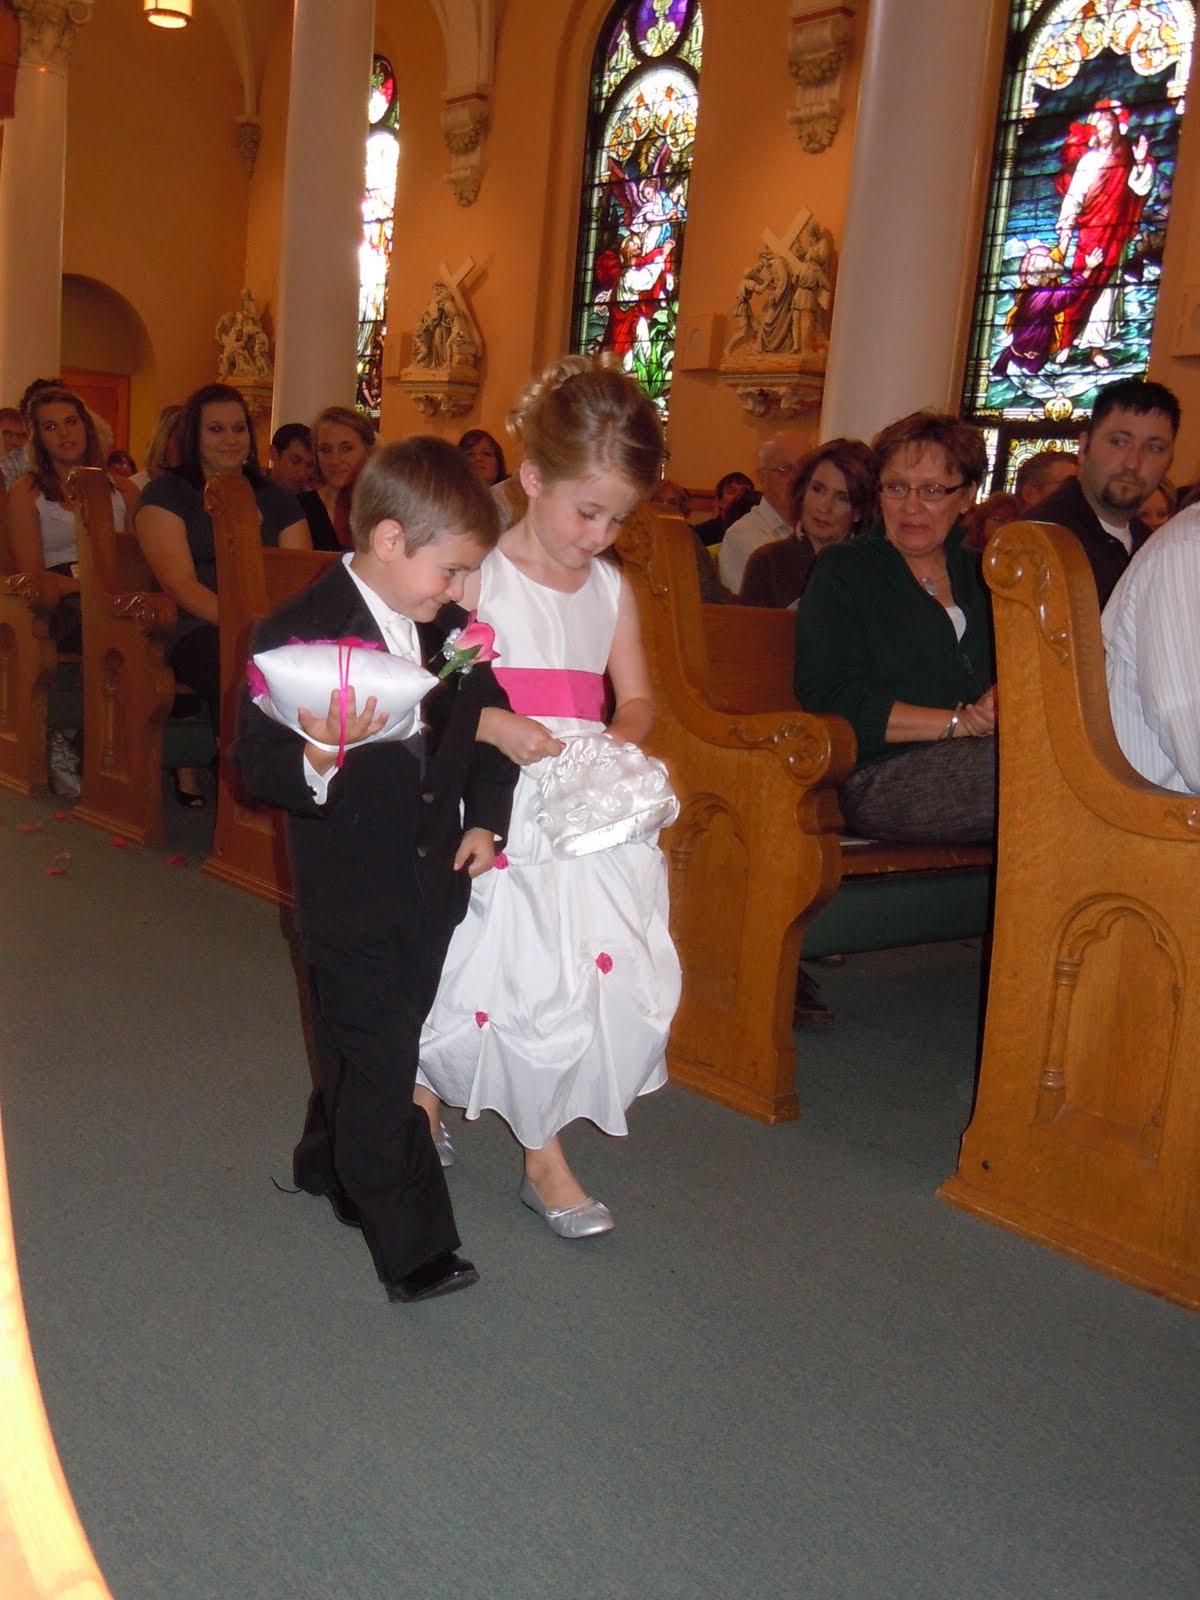 Jenna Jesse Reiman S Wedding